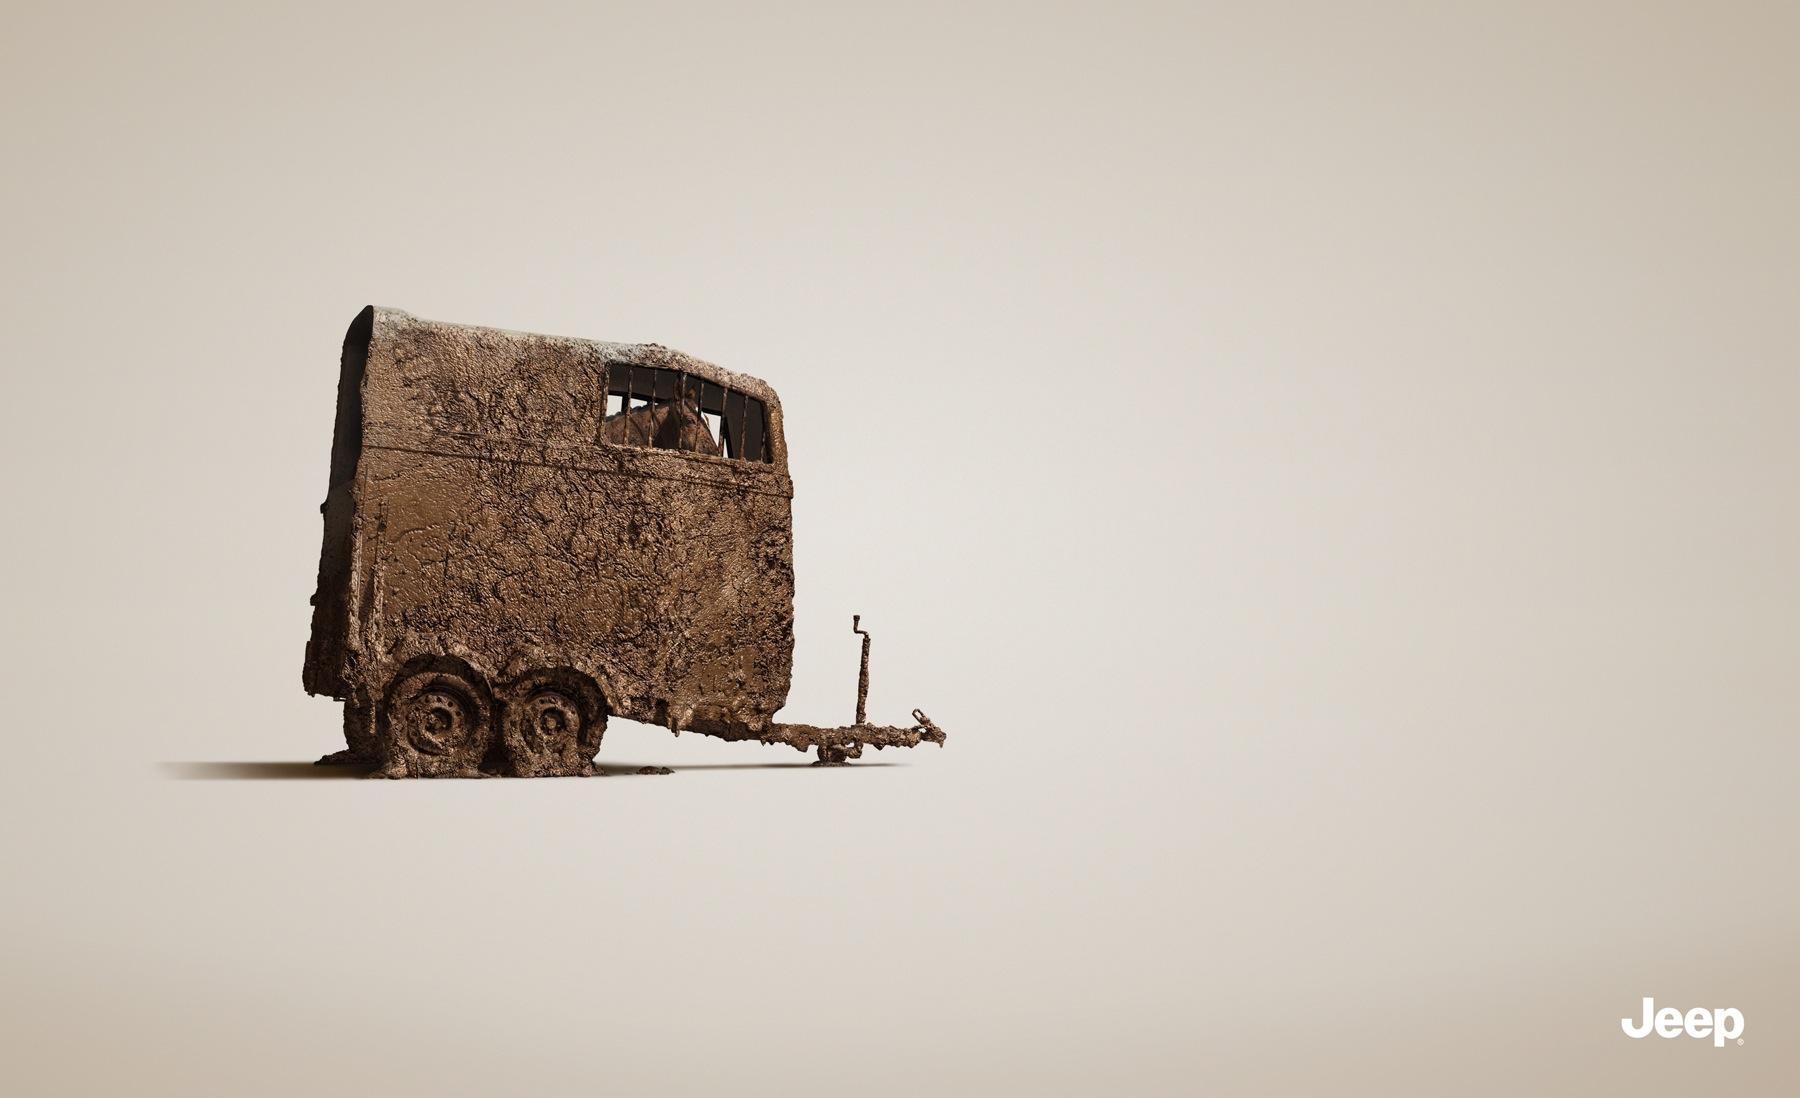 print ad leo burnett. Jeep Print Ad - Trailer, 2 Leo Burnett